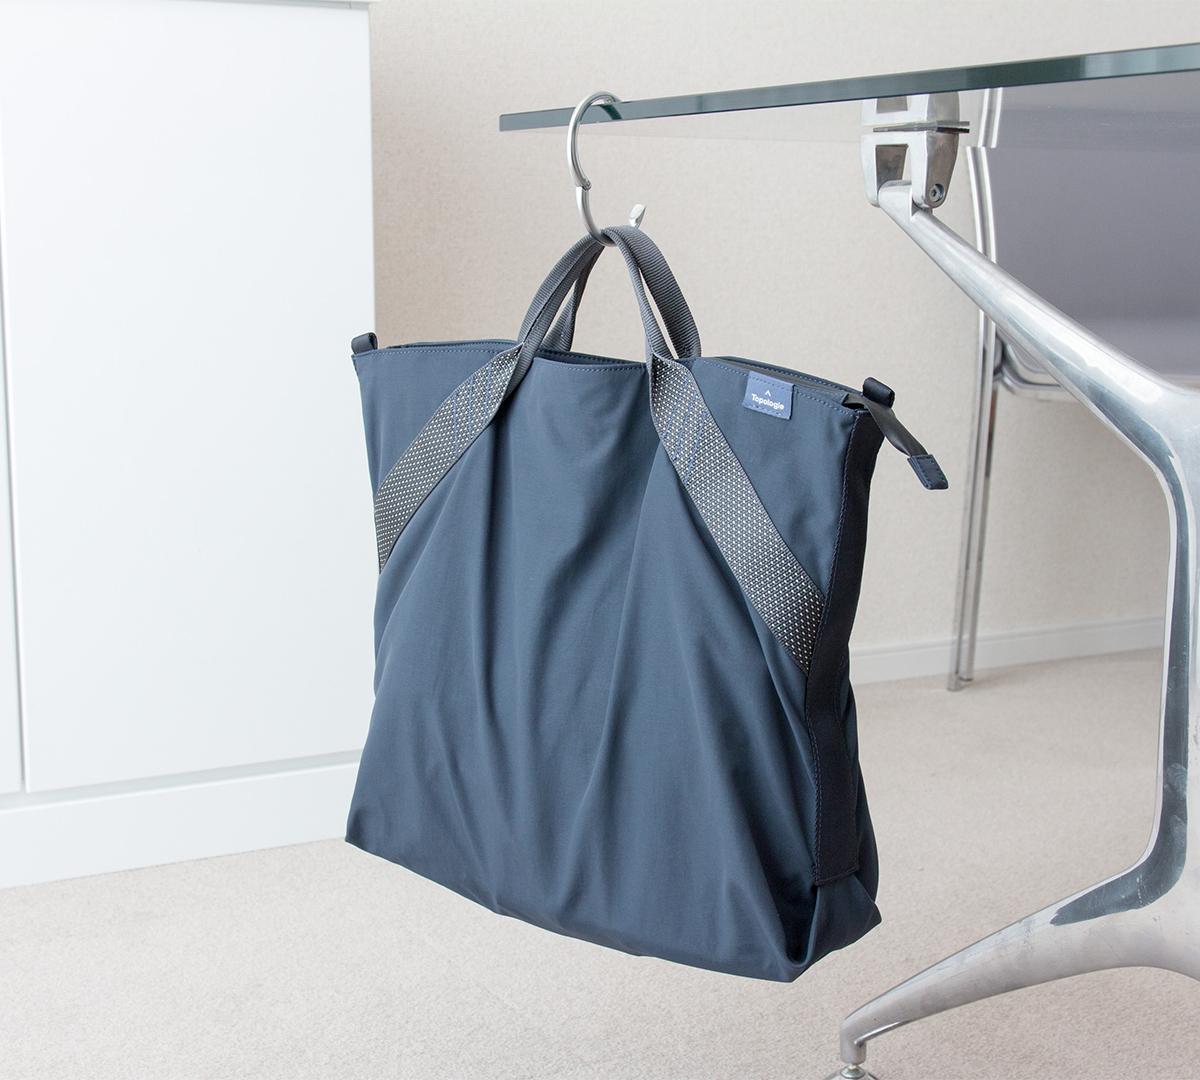 安定性があって持ち運びしやすい、登山用と同じ仕様で補強ステッチも施されている2WAYトートバッグ | Topologie